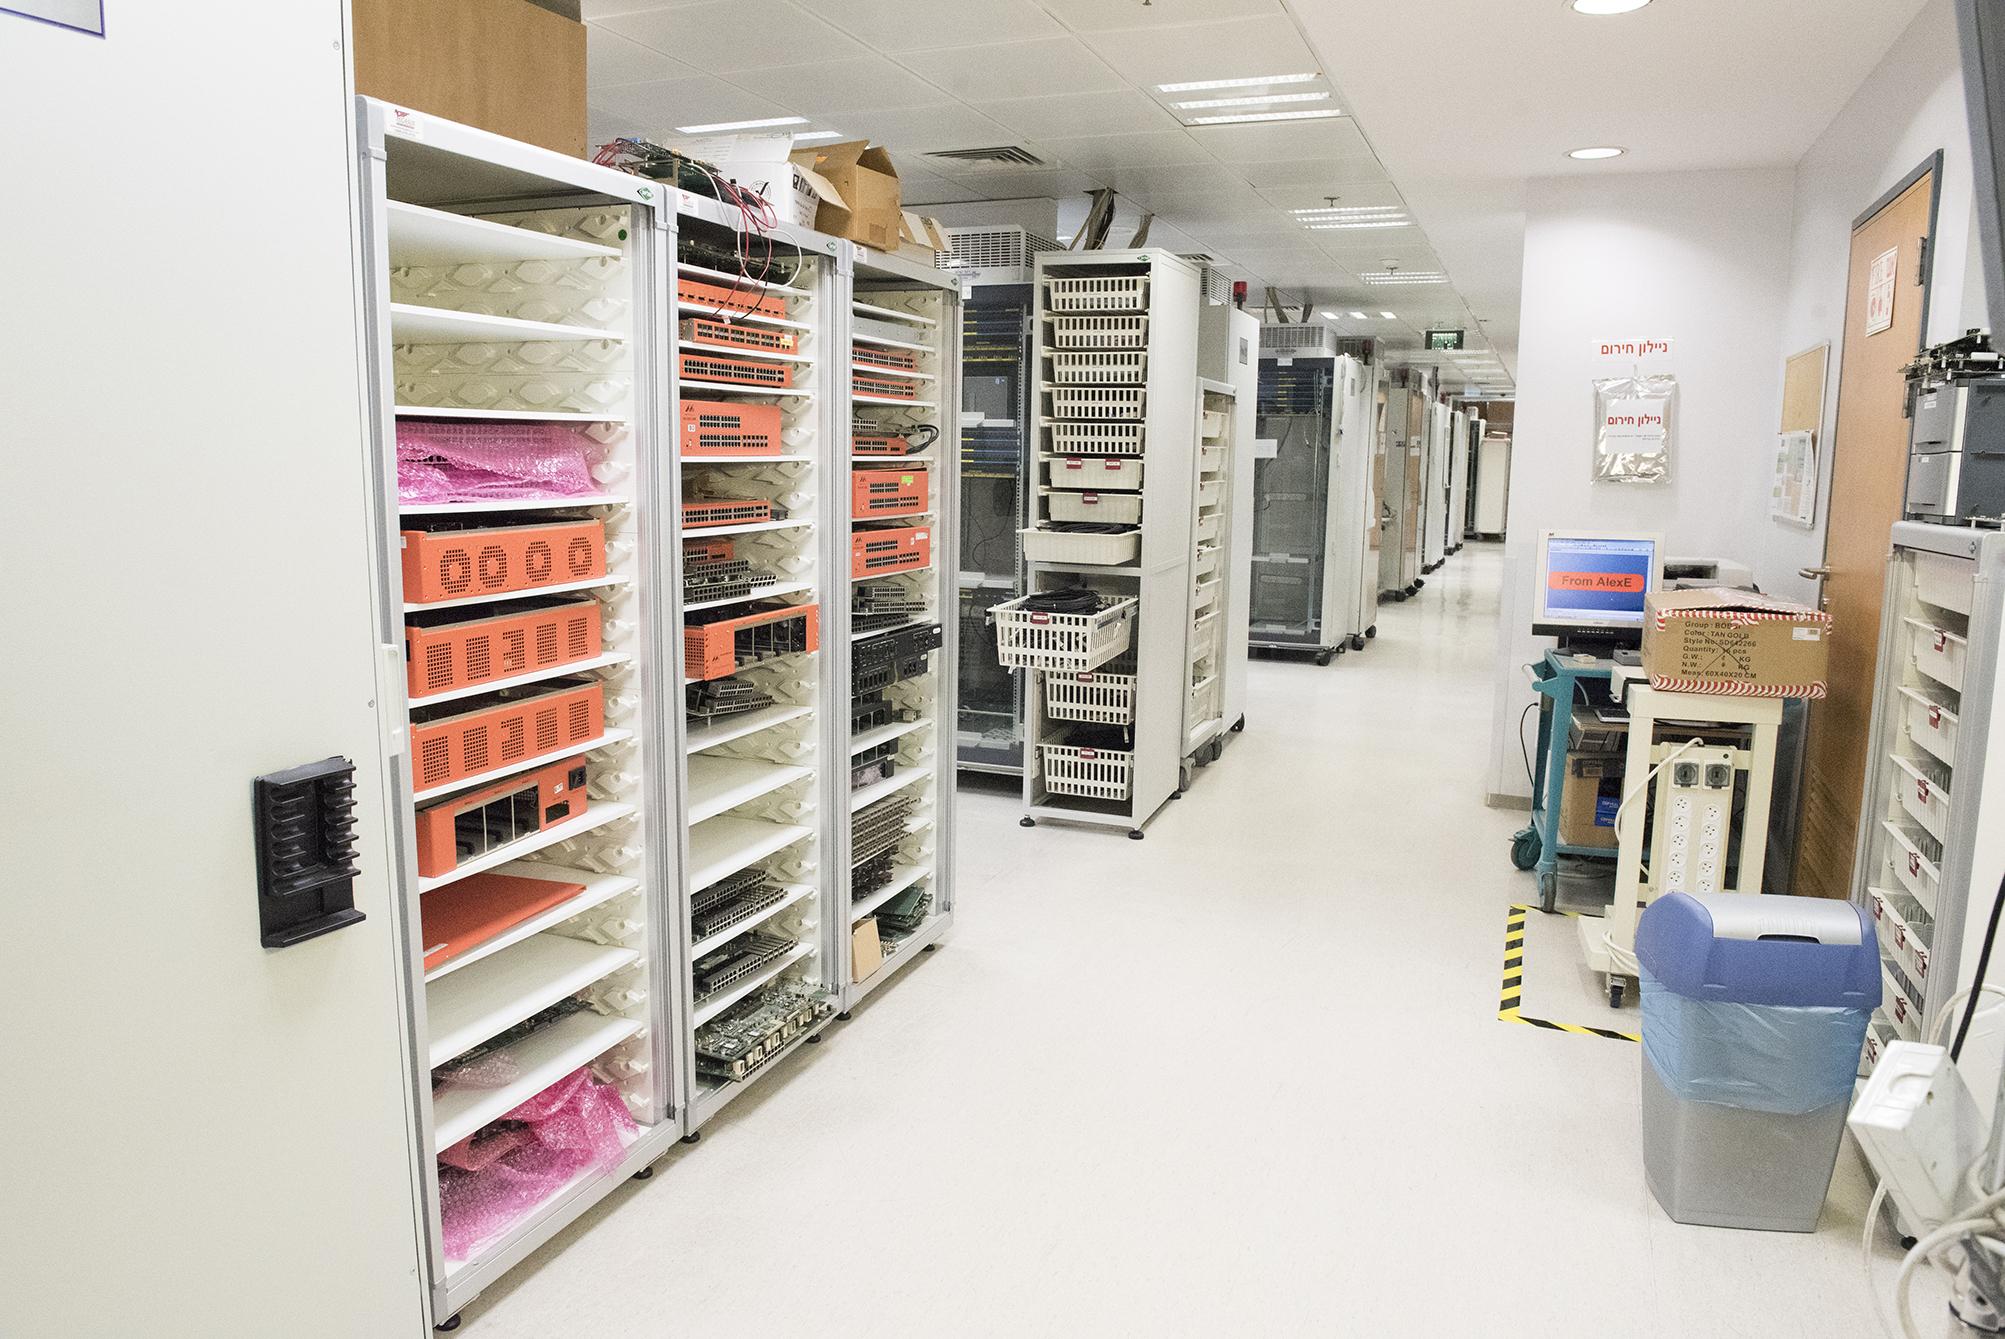 Pegasus storage solutions